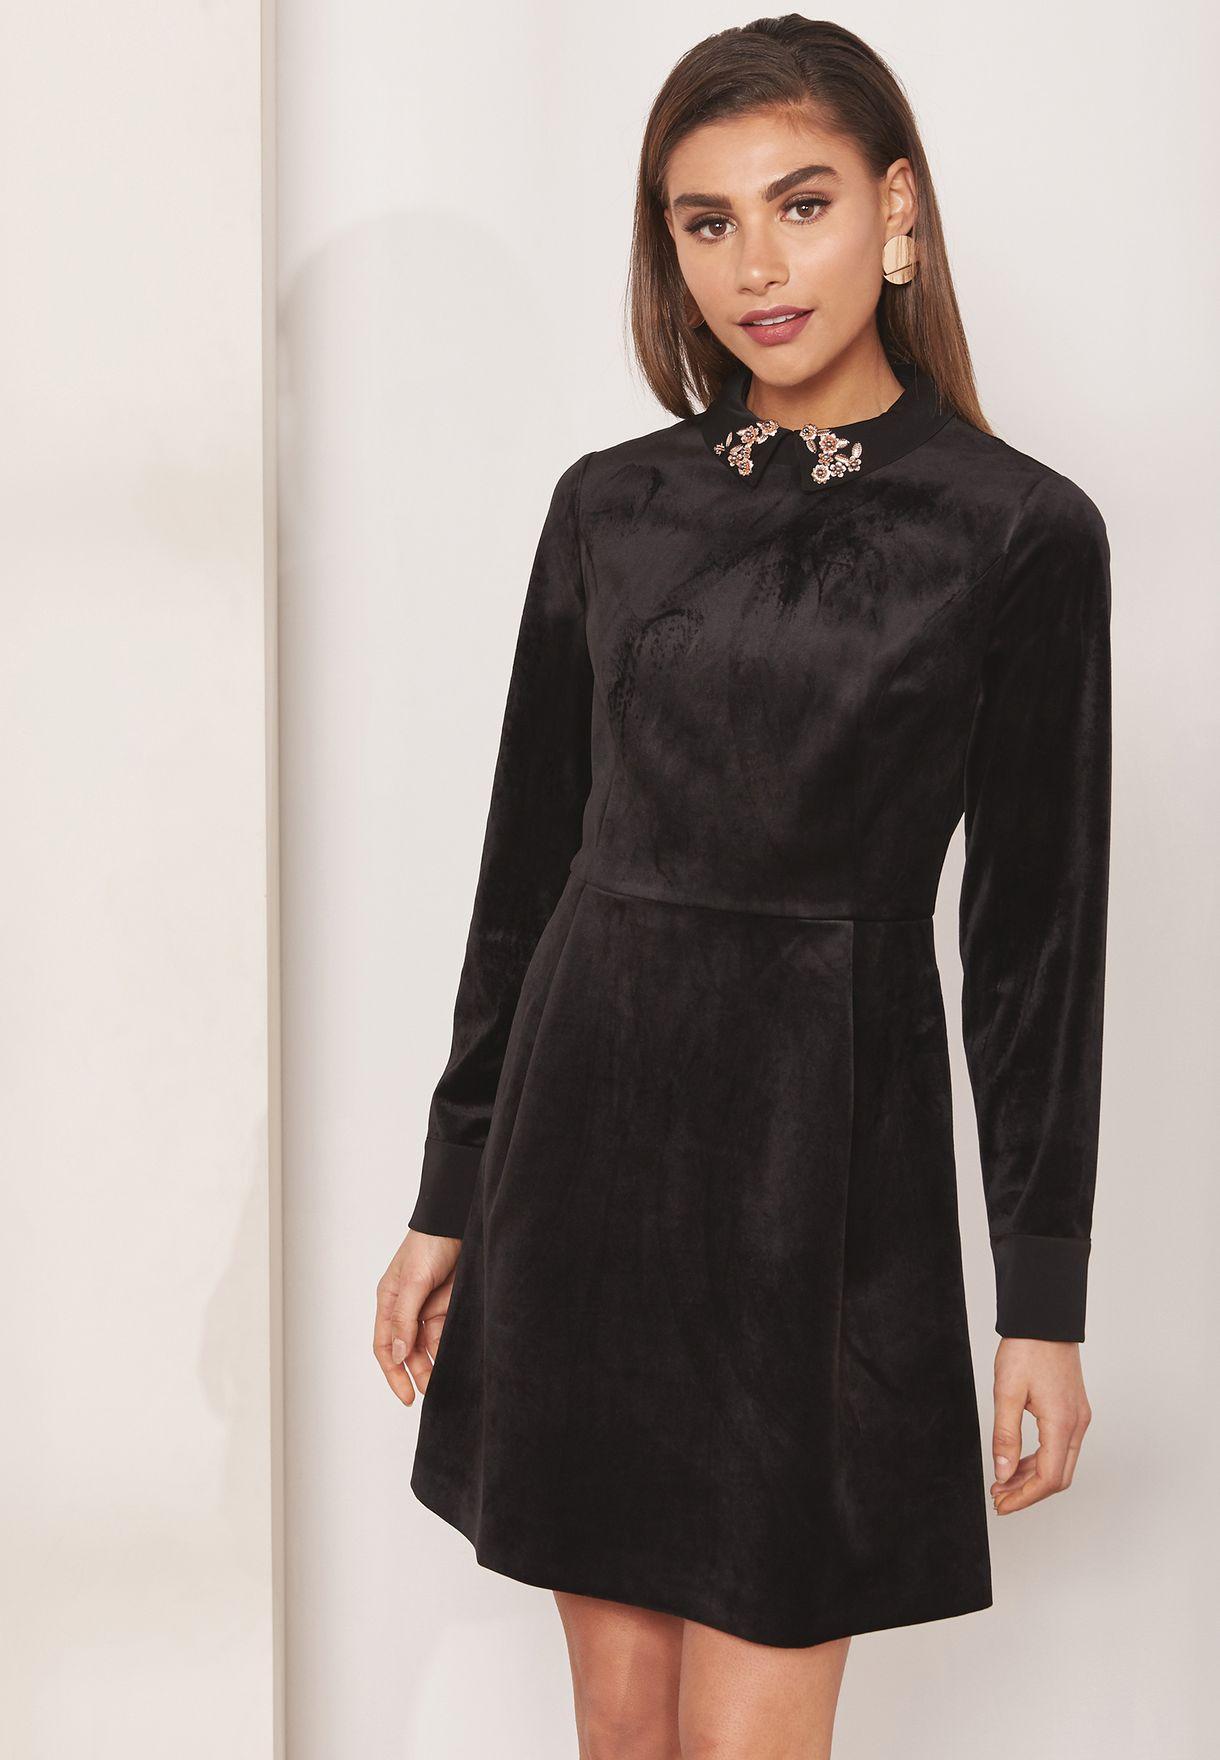 63e4f2078 Shop Ted baker black Alava Embellished Velvet Dress 152855 for Women ...